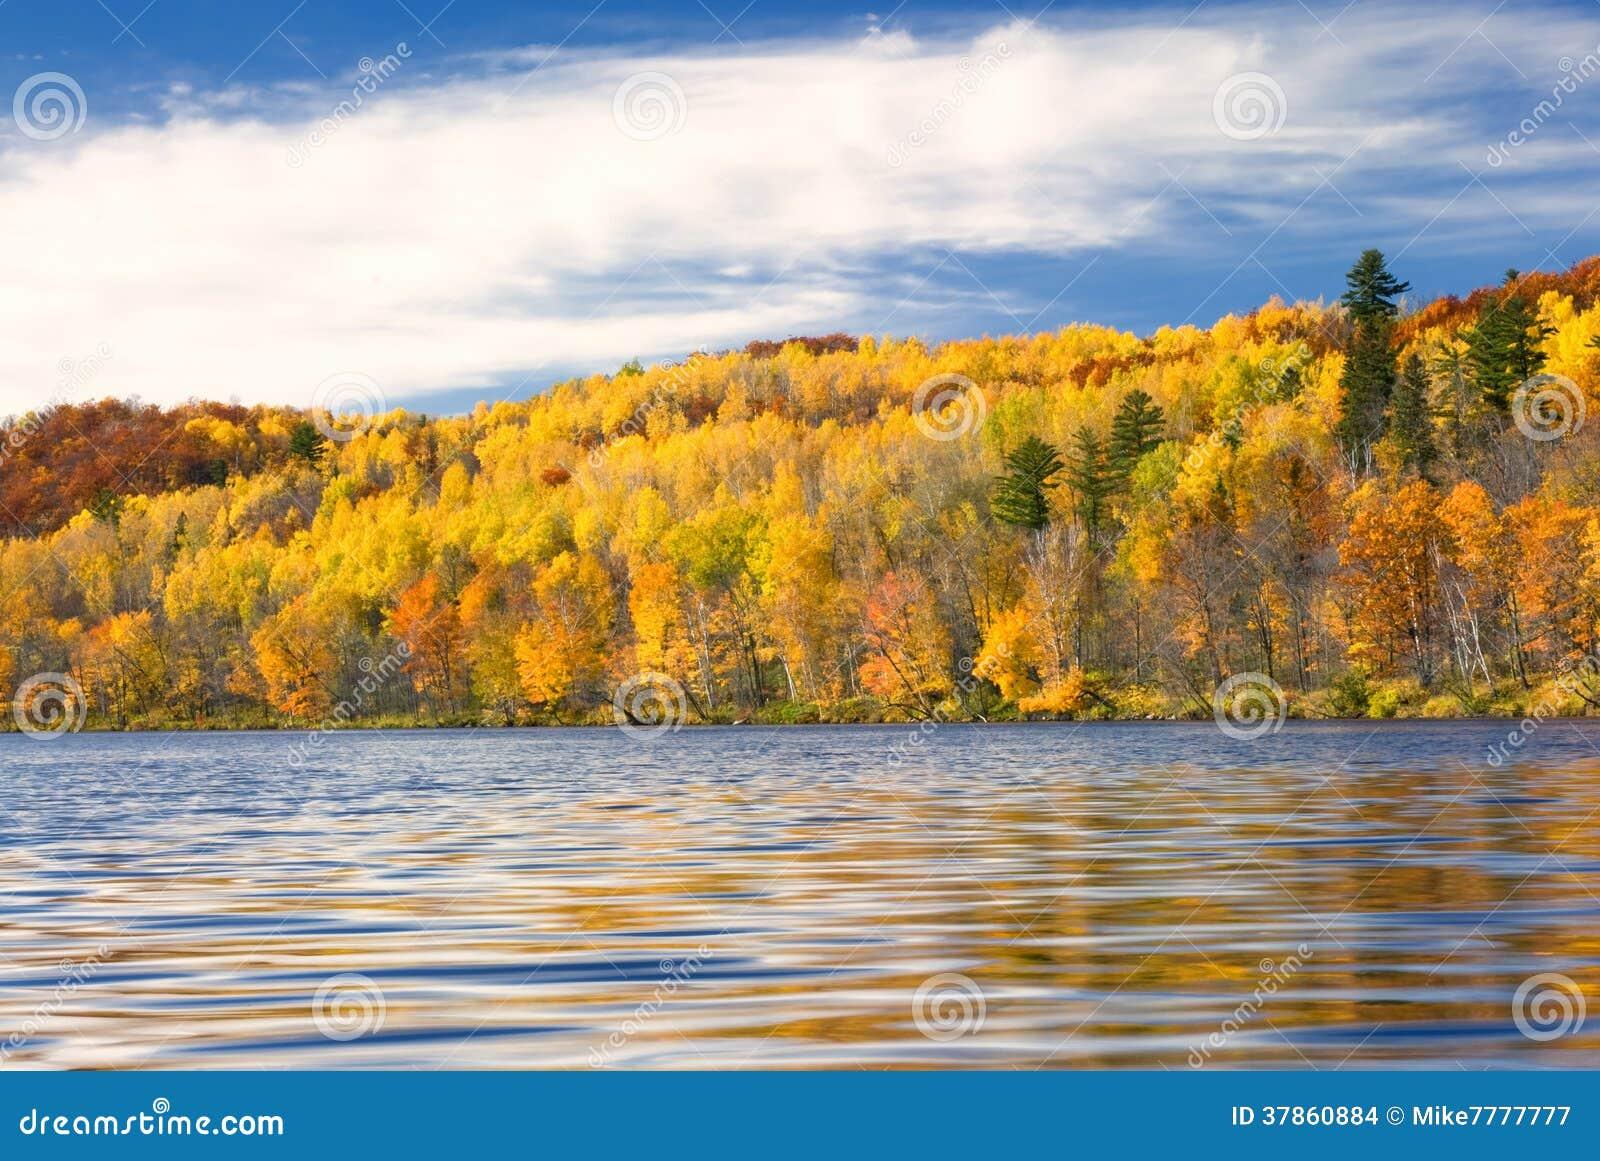 Цвета осени отразили в озере, Минесоте, США